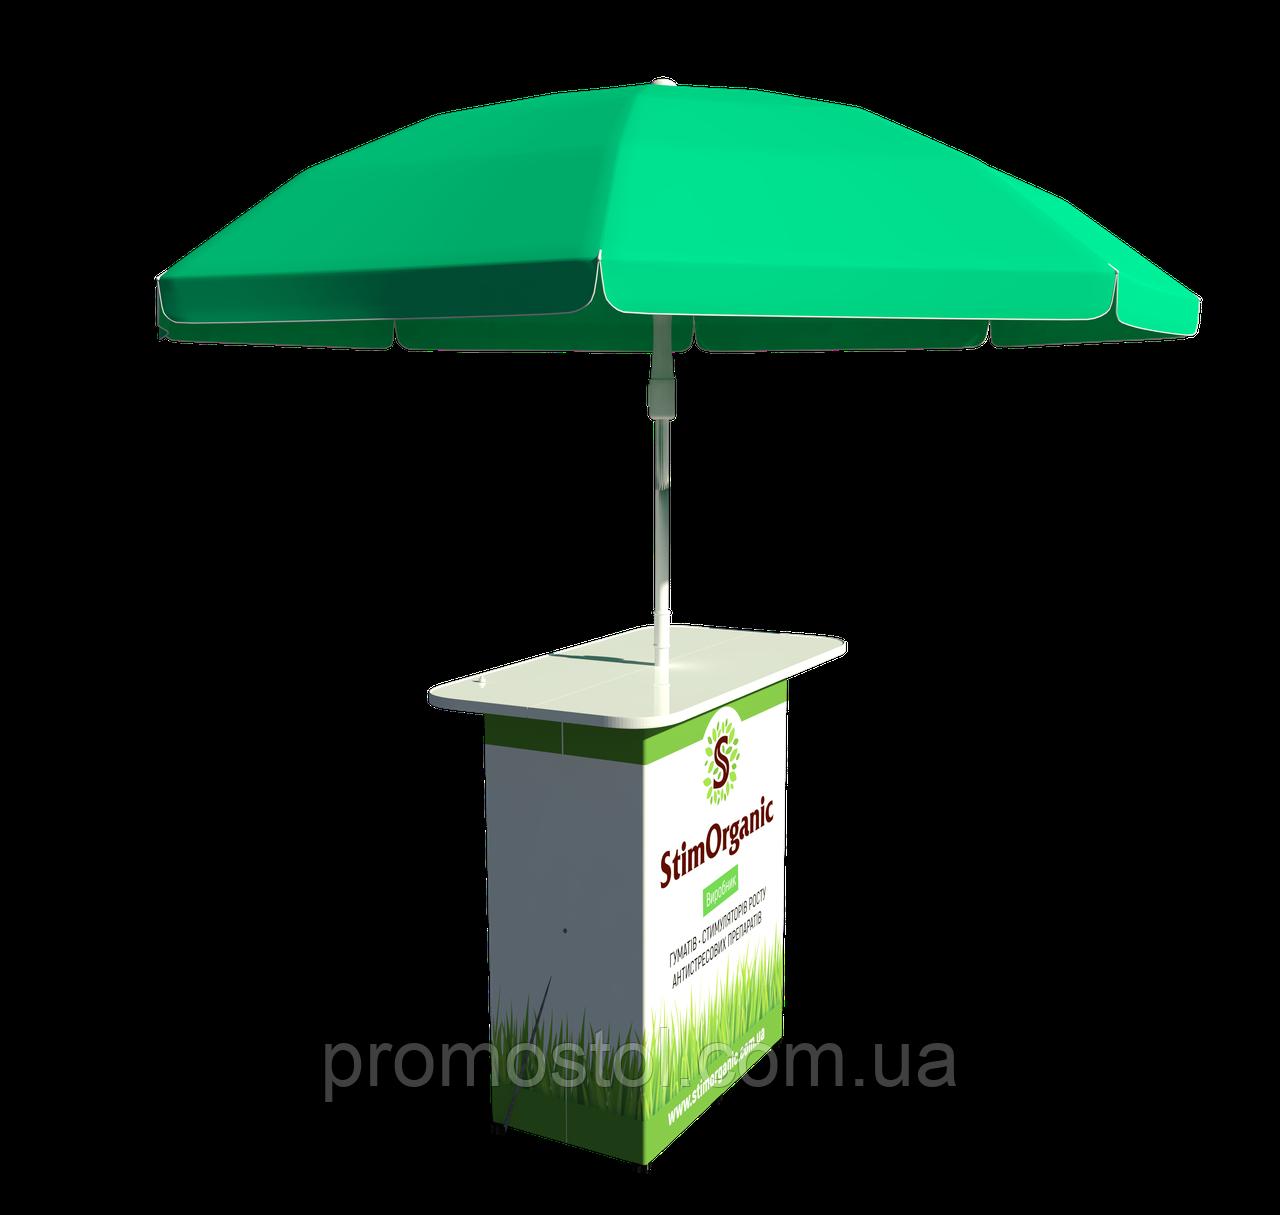 Стол для уличной торговли 1300